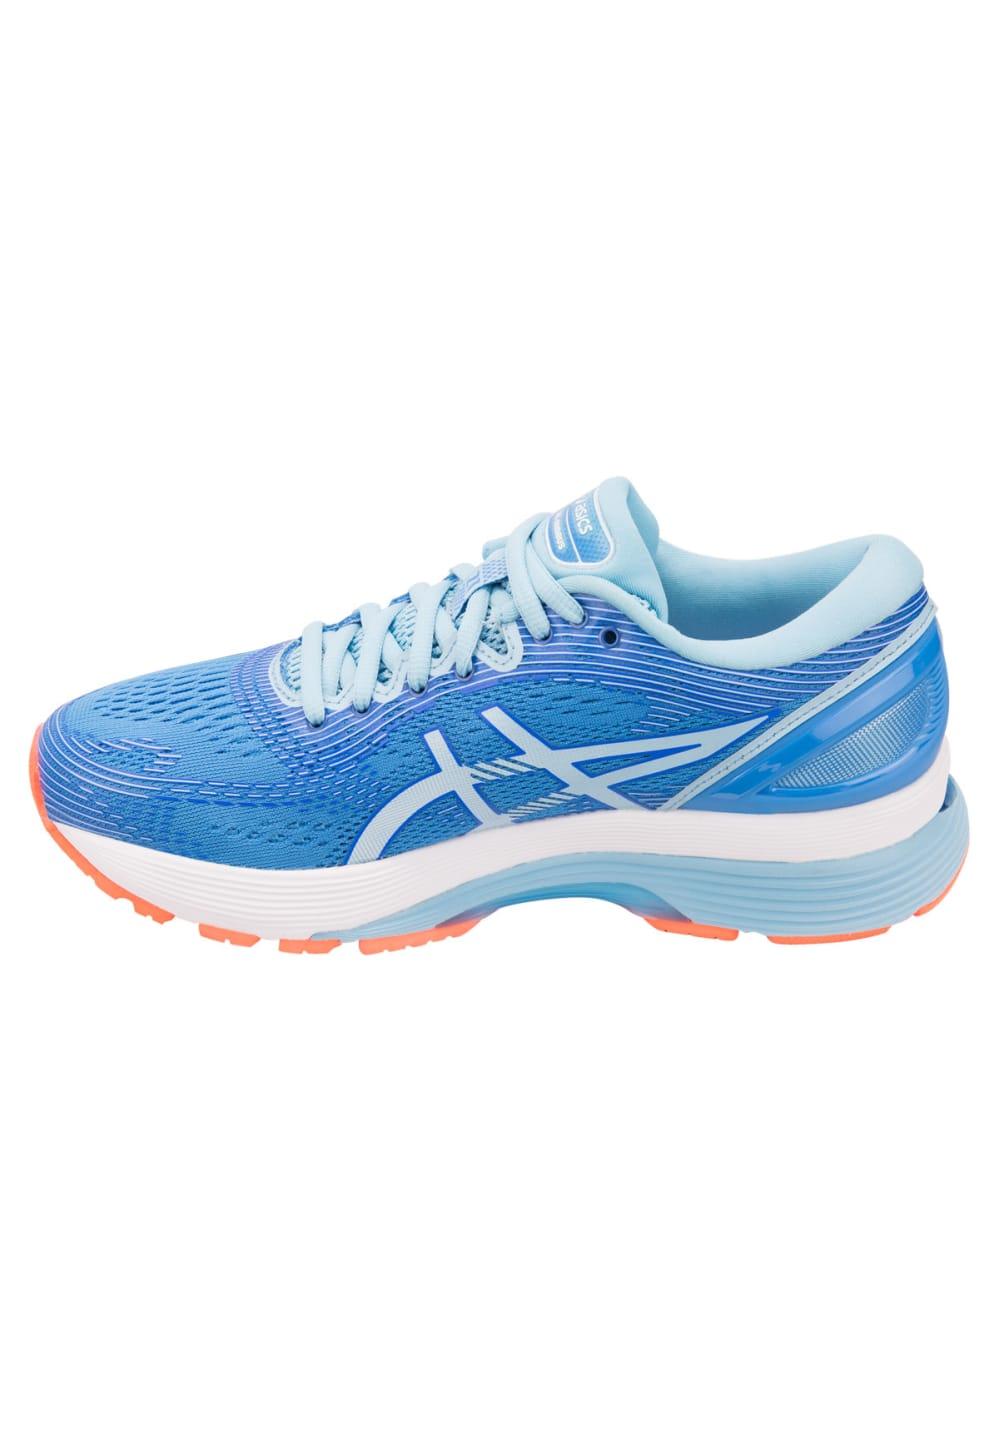 ASICS Gel-Nimbus 21 - Laufschuhe für Damen - Blau